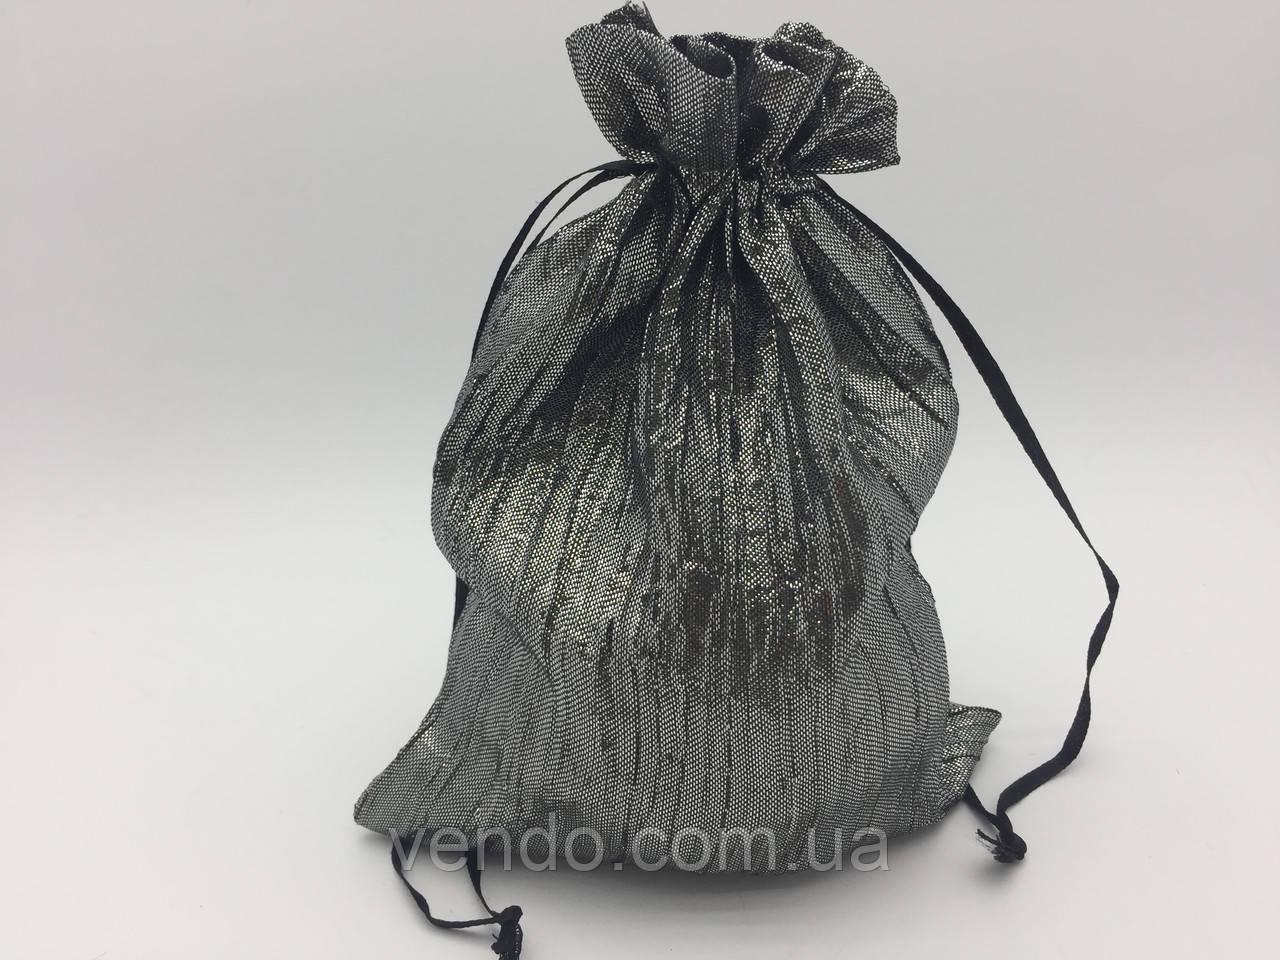 Чехол для карт таро, мешочек из жатой парчи Серый 14х20 см